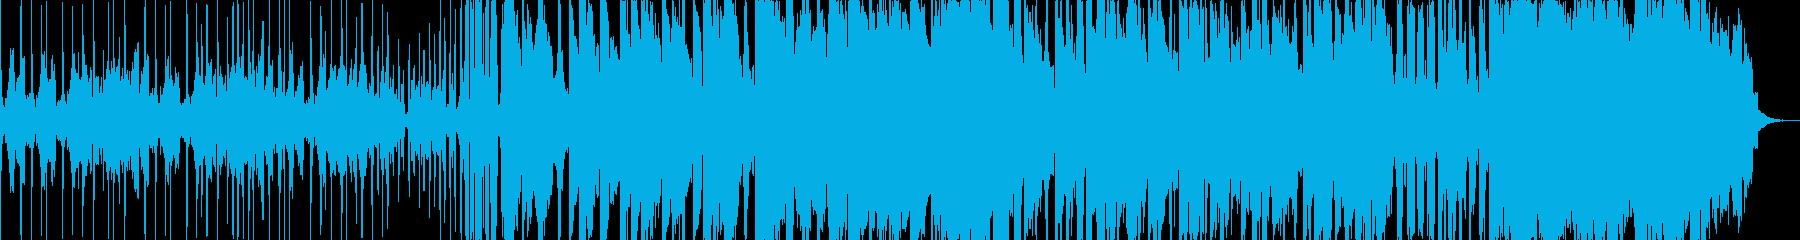 高級感を醸し出すストリングスメインの曲の再生済みの波形